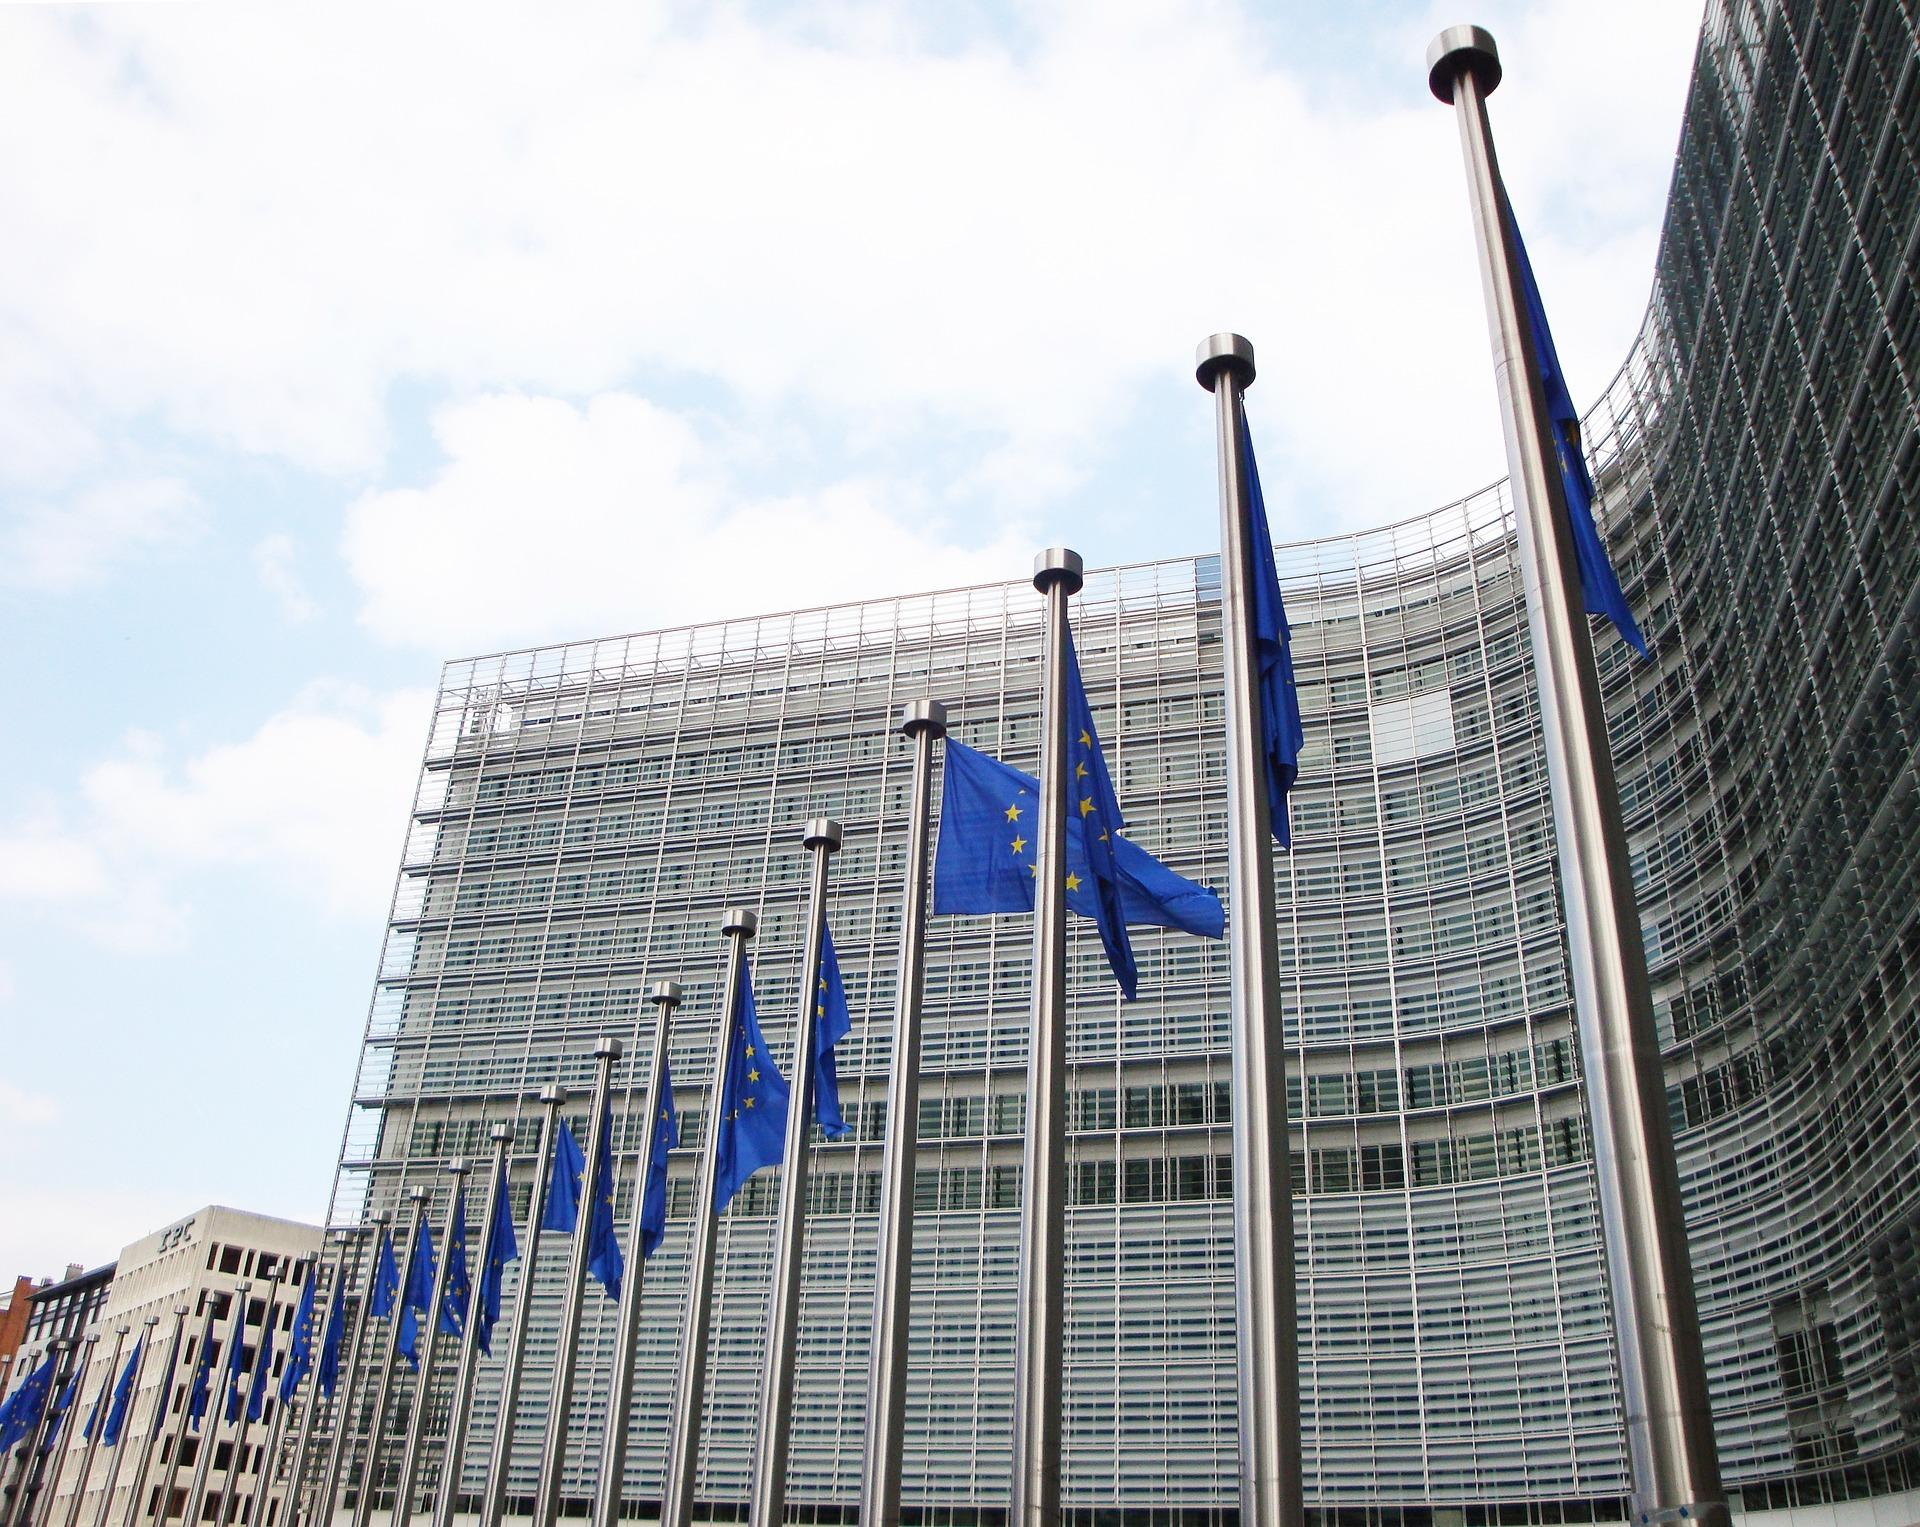 Asylanträge unbegleiteter Minderjähriger - und der zuständige Mitgliedsstaat